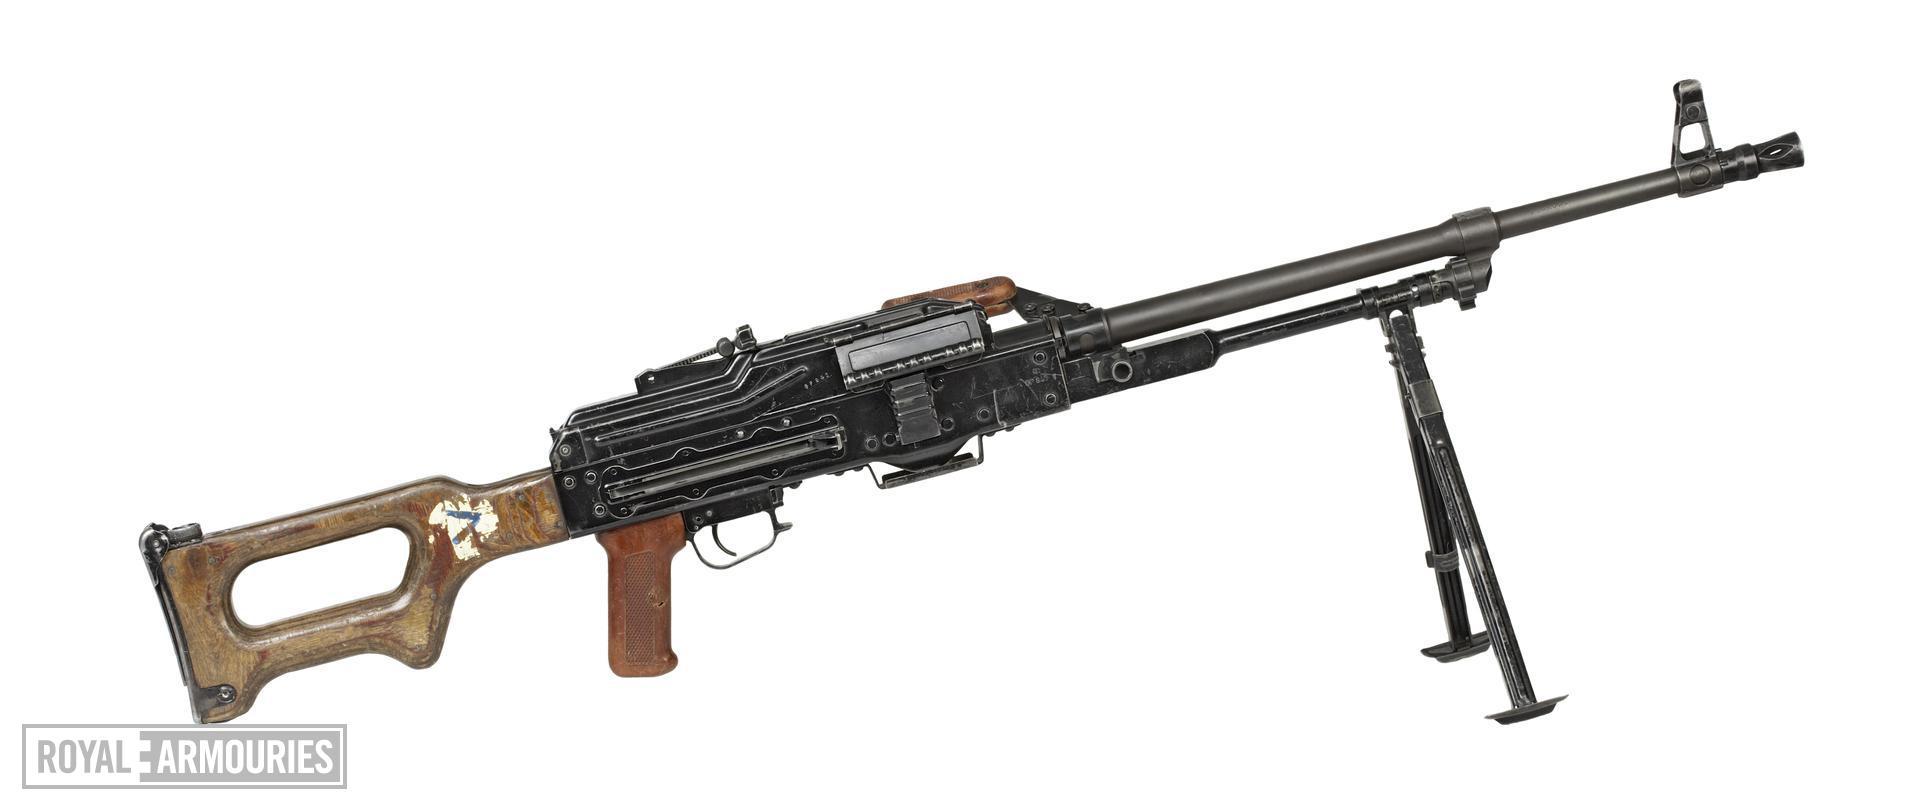 Centrefire automatic machine gun - Kalashnikov PKM